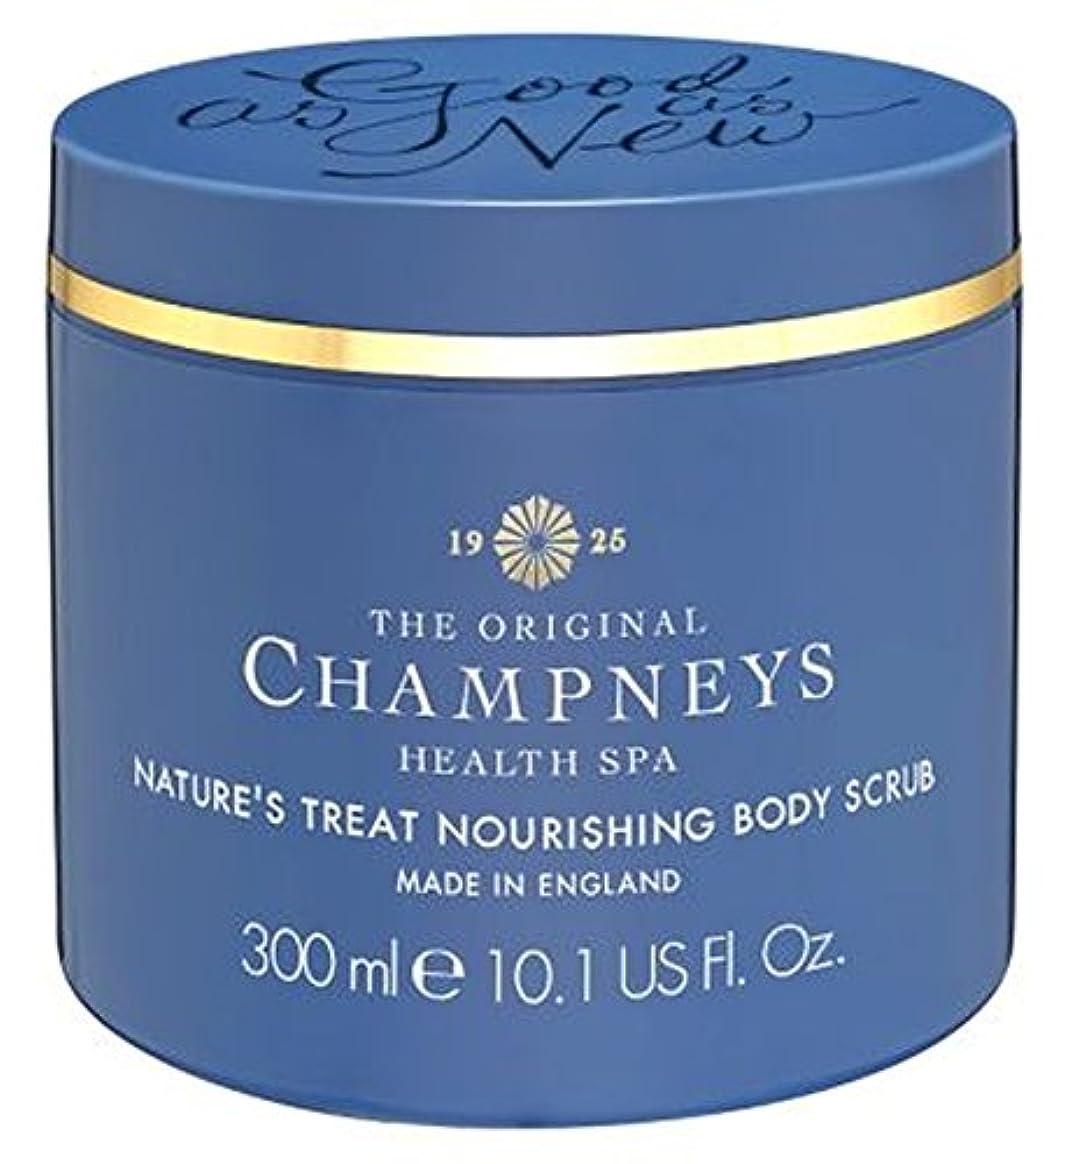 アパート自動化によってチャンプニーズの自然の御馳走栄養ボディスクラブ300ミリリットル (Champneys) (x2) - Champneys Nature's Treat Nourishing Body Scrub 300ml (Pack of 2) [並行輸入品]